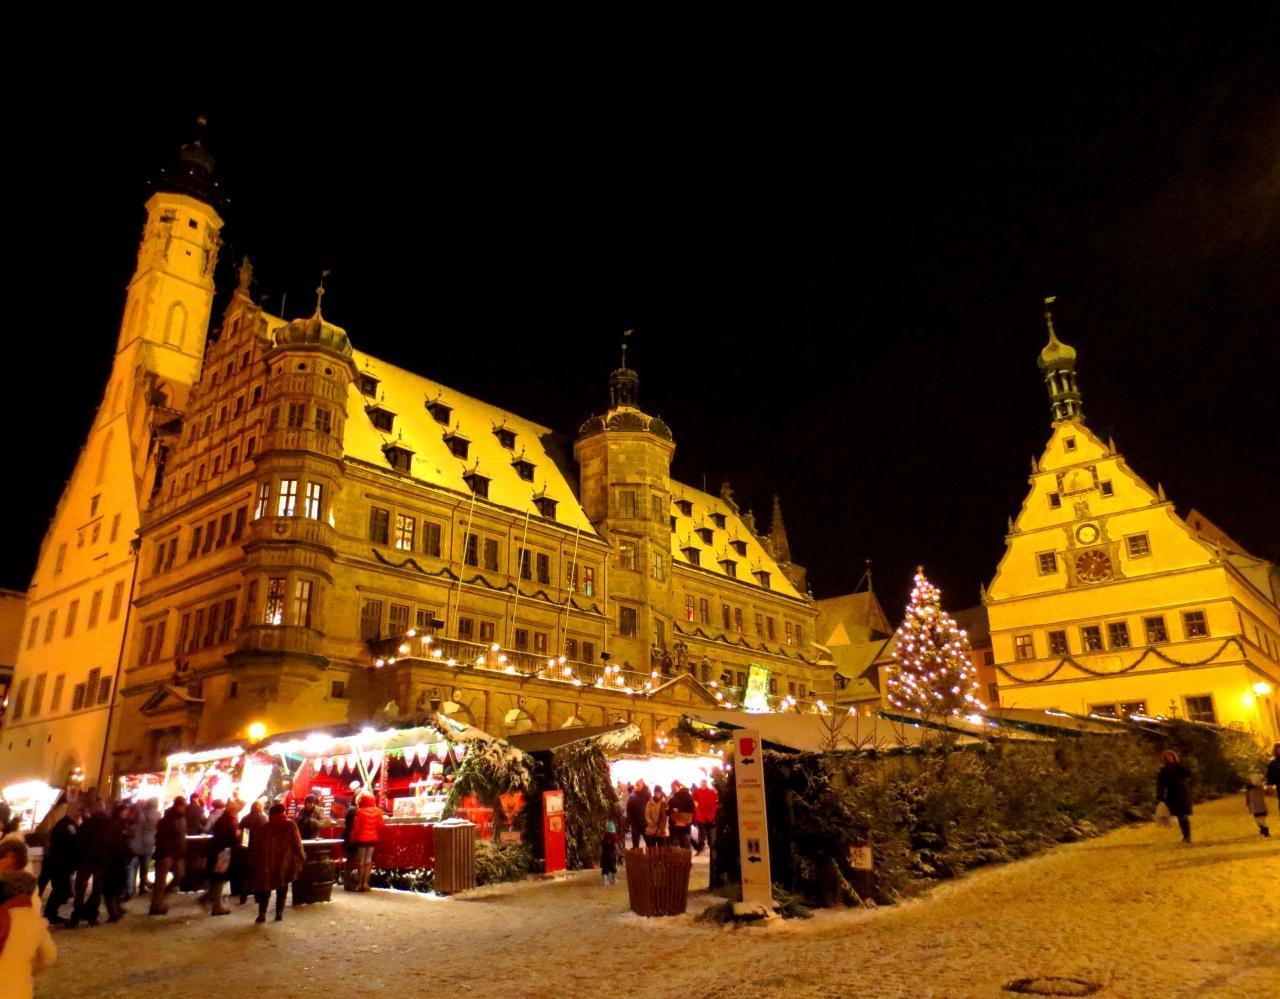 【7位】ローテンブルクのクリスマスマーケット(ライターレスマルクト)